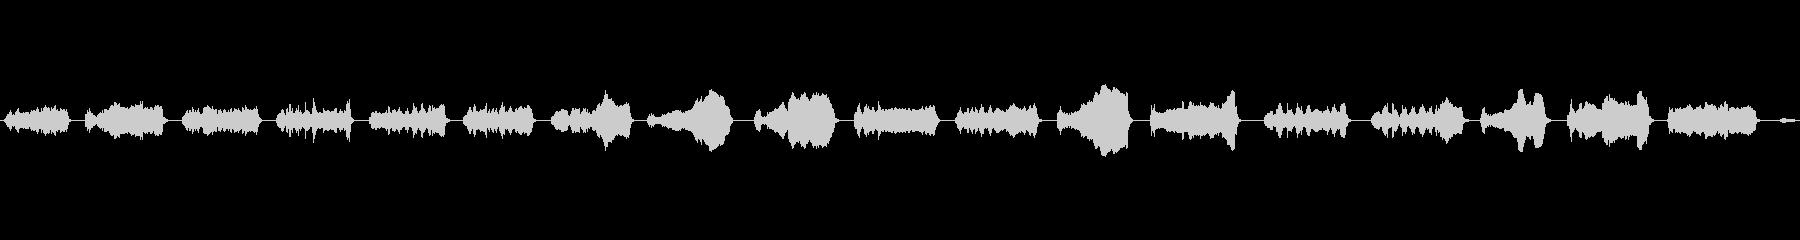 ベトナムのポットベリー:鳴き声、動...の未再生の波形